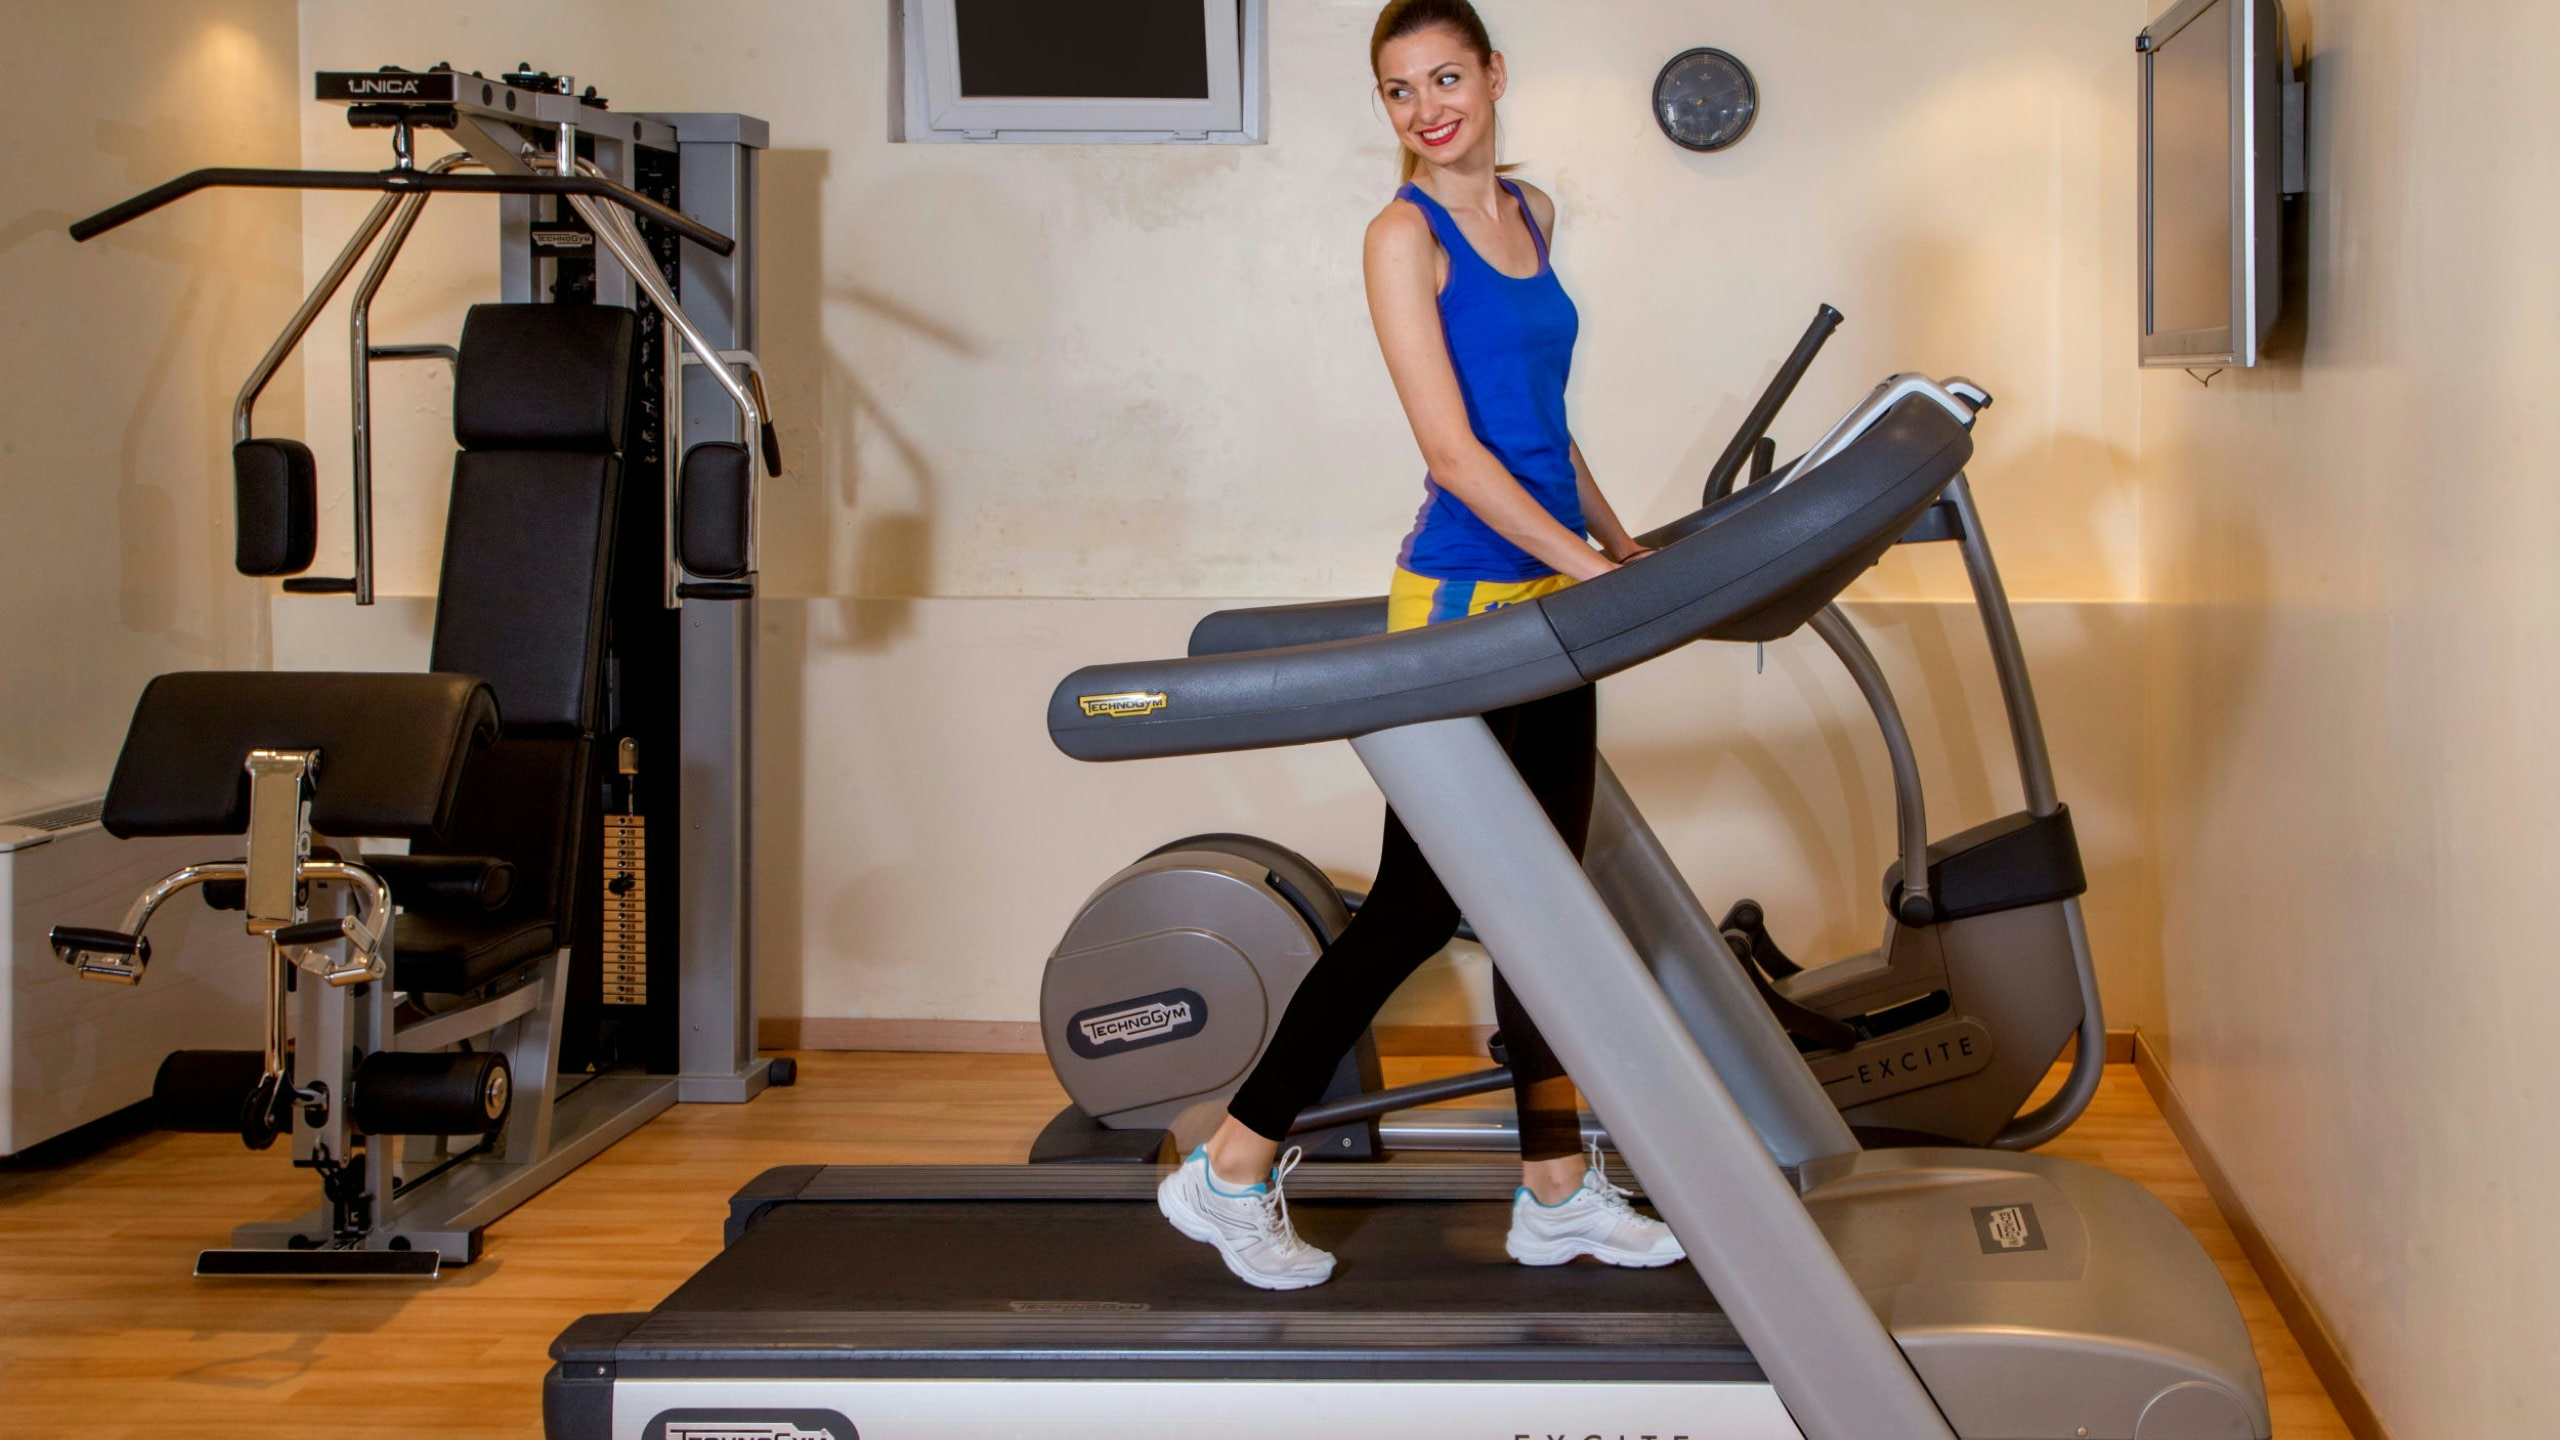 Fitnessraum zu hause  Hotel Panama Garden | Rom | Fitnessraum